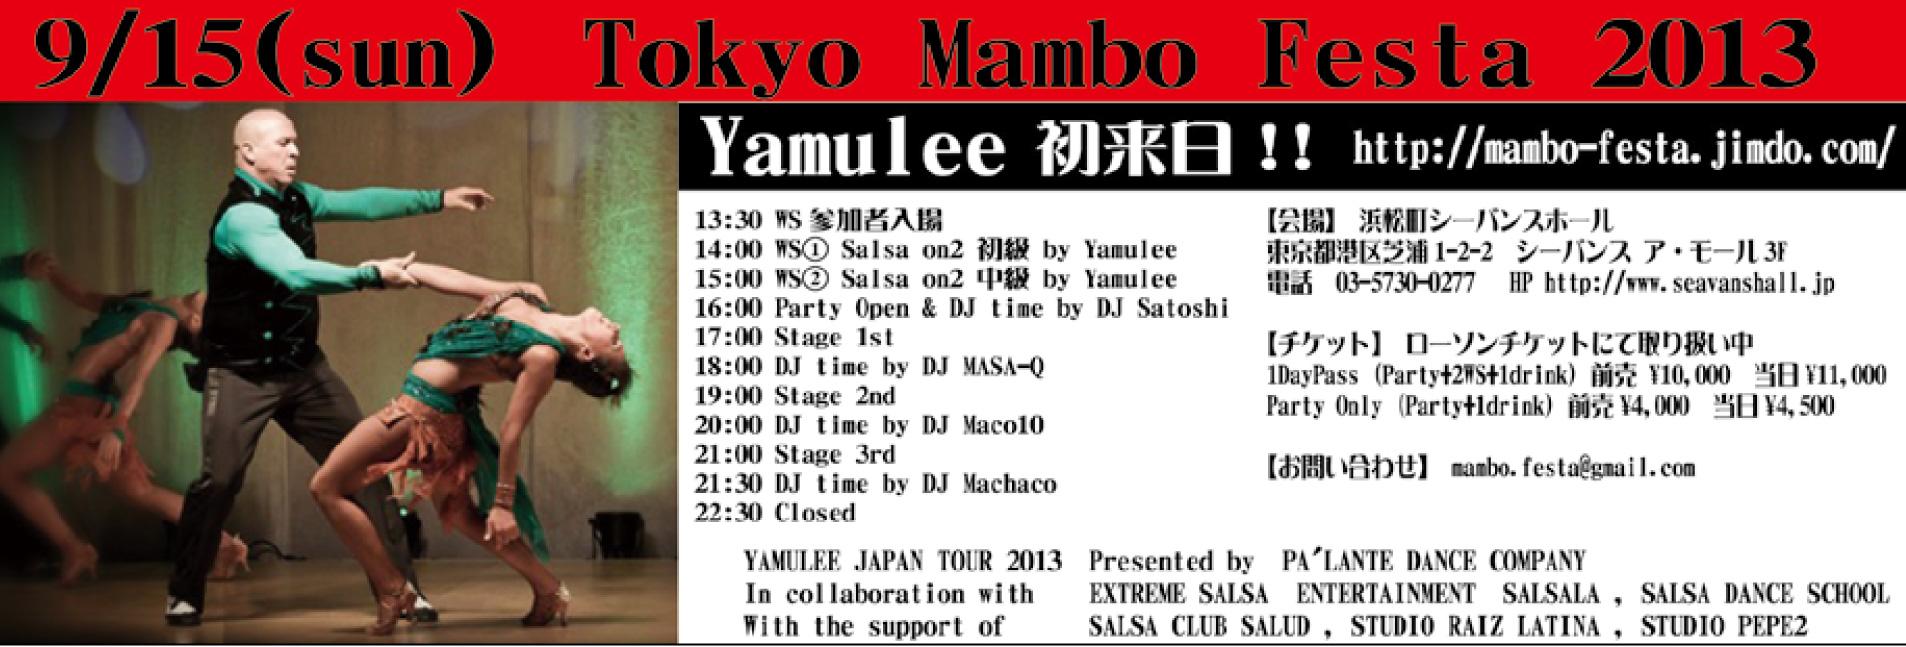 tokyomambo178.jpg